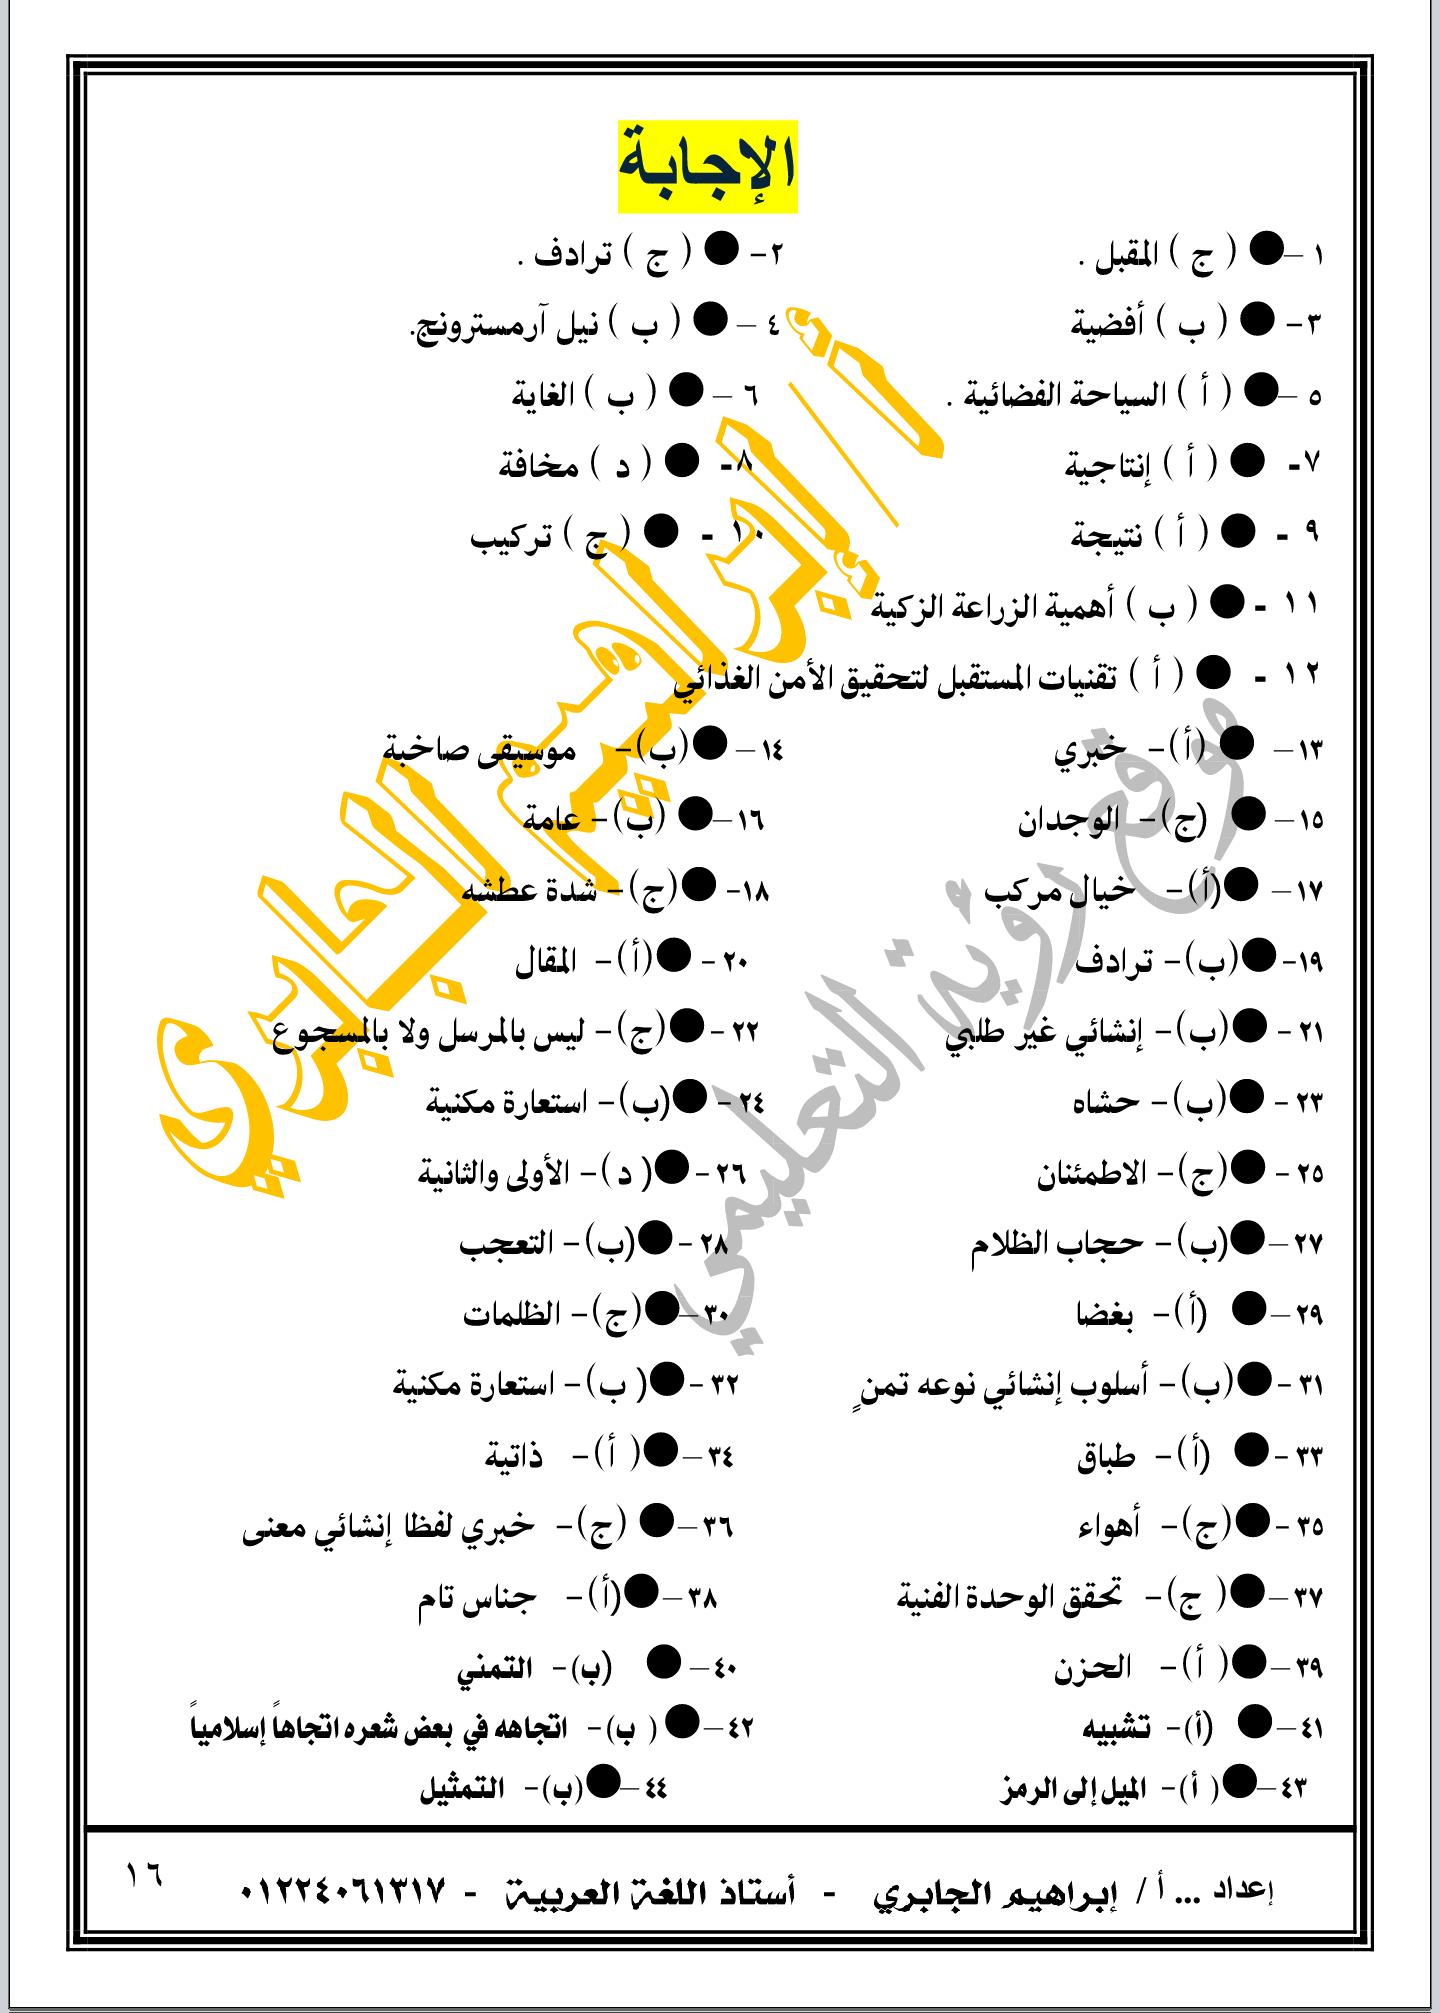 امتحان لغة عربية شامل للثانوية العامة نظام جديد 2021.. 70 سؤالا بالإجابات النموذجية Screenshot_%25D9%25A2%25D9%25A0%25D9%25A2%25D9%25A1-%25D9%25A0%25D9%25A4-%25D9%25A1%25D9%25A5-%25D9%25A0%25D9%25A1-%25D9%25A4%25D9%25A2-%25D9%25A0%25D9%25A5-1